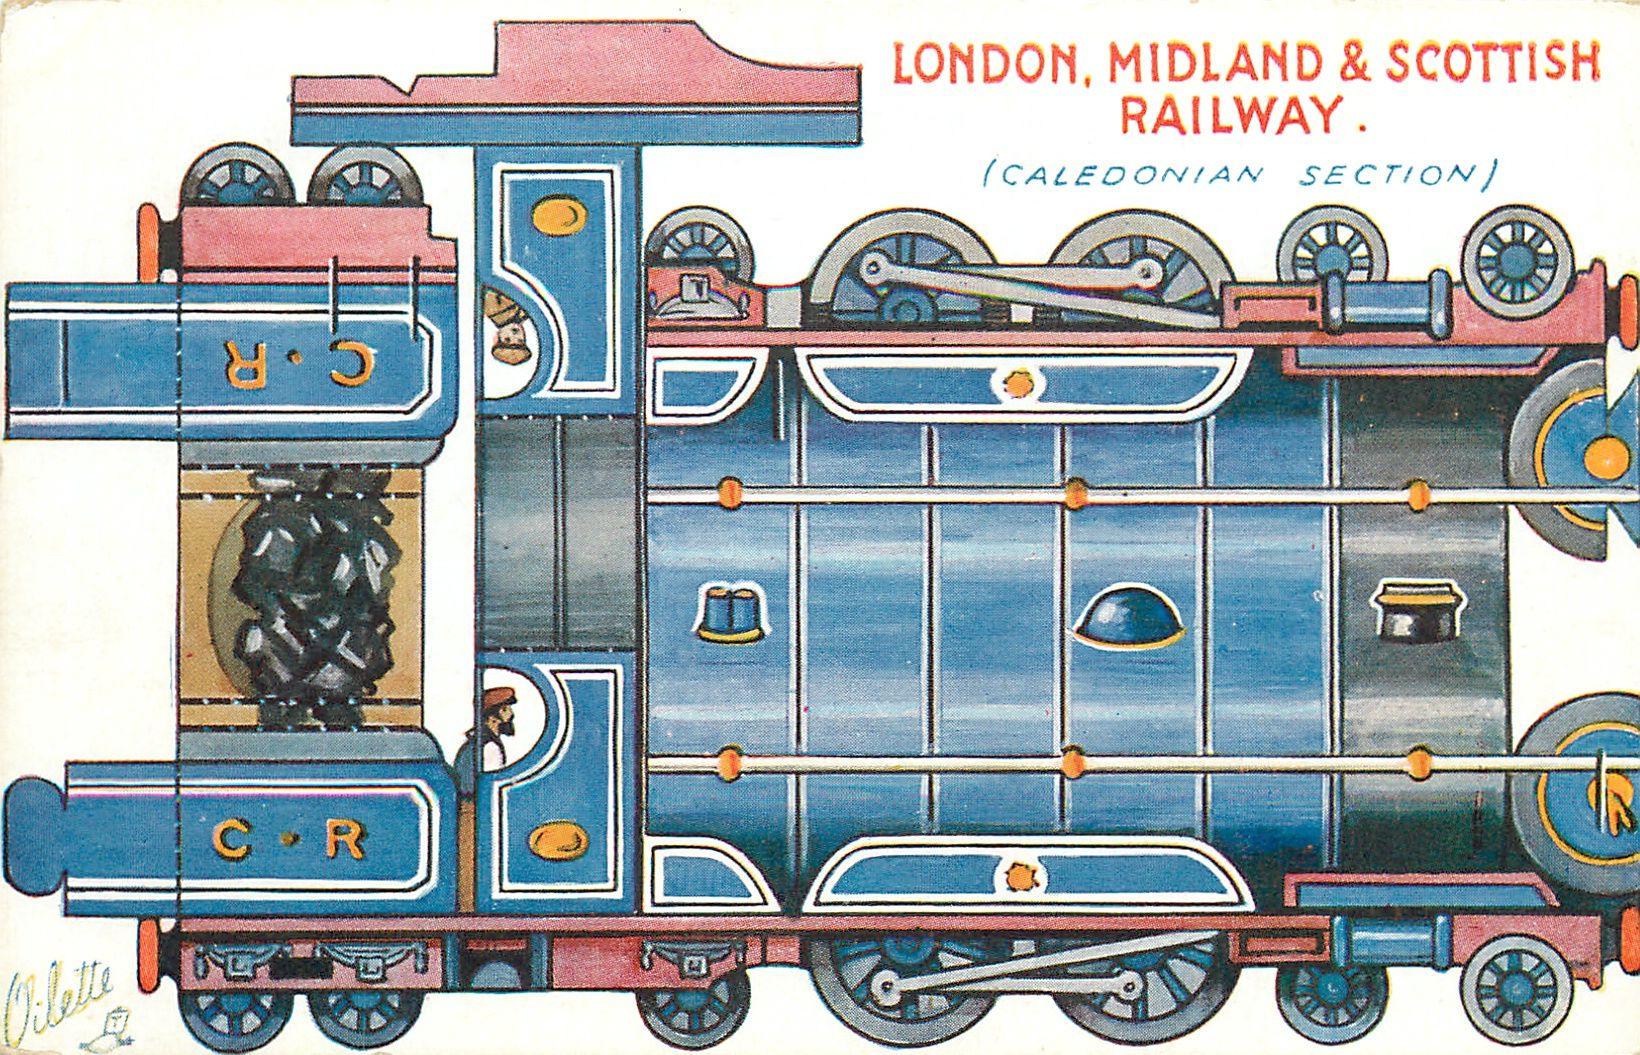 London Midland Amp Scottish Railway Caledonian Section